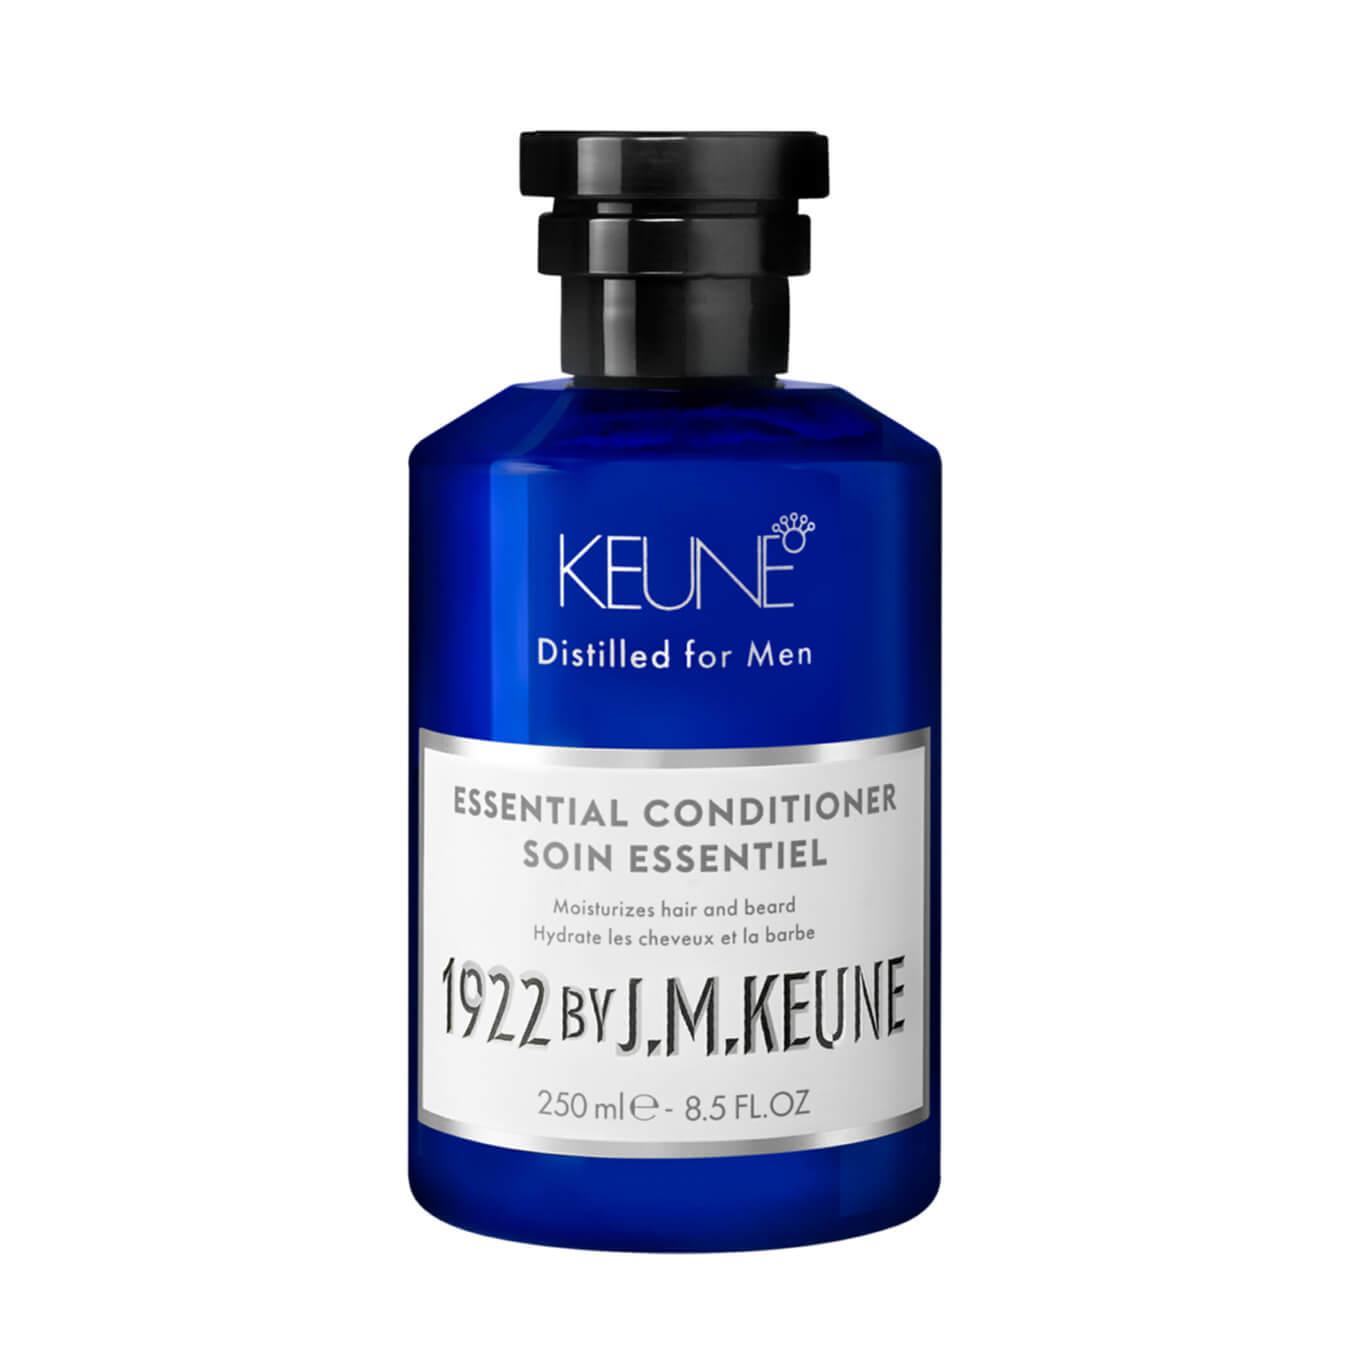 Kauf 1922 By JM Keune Essential Conditioner 250ml